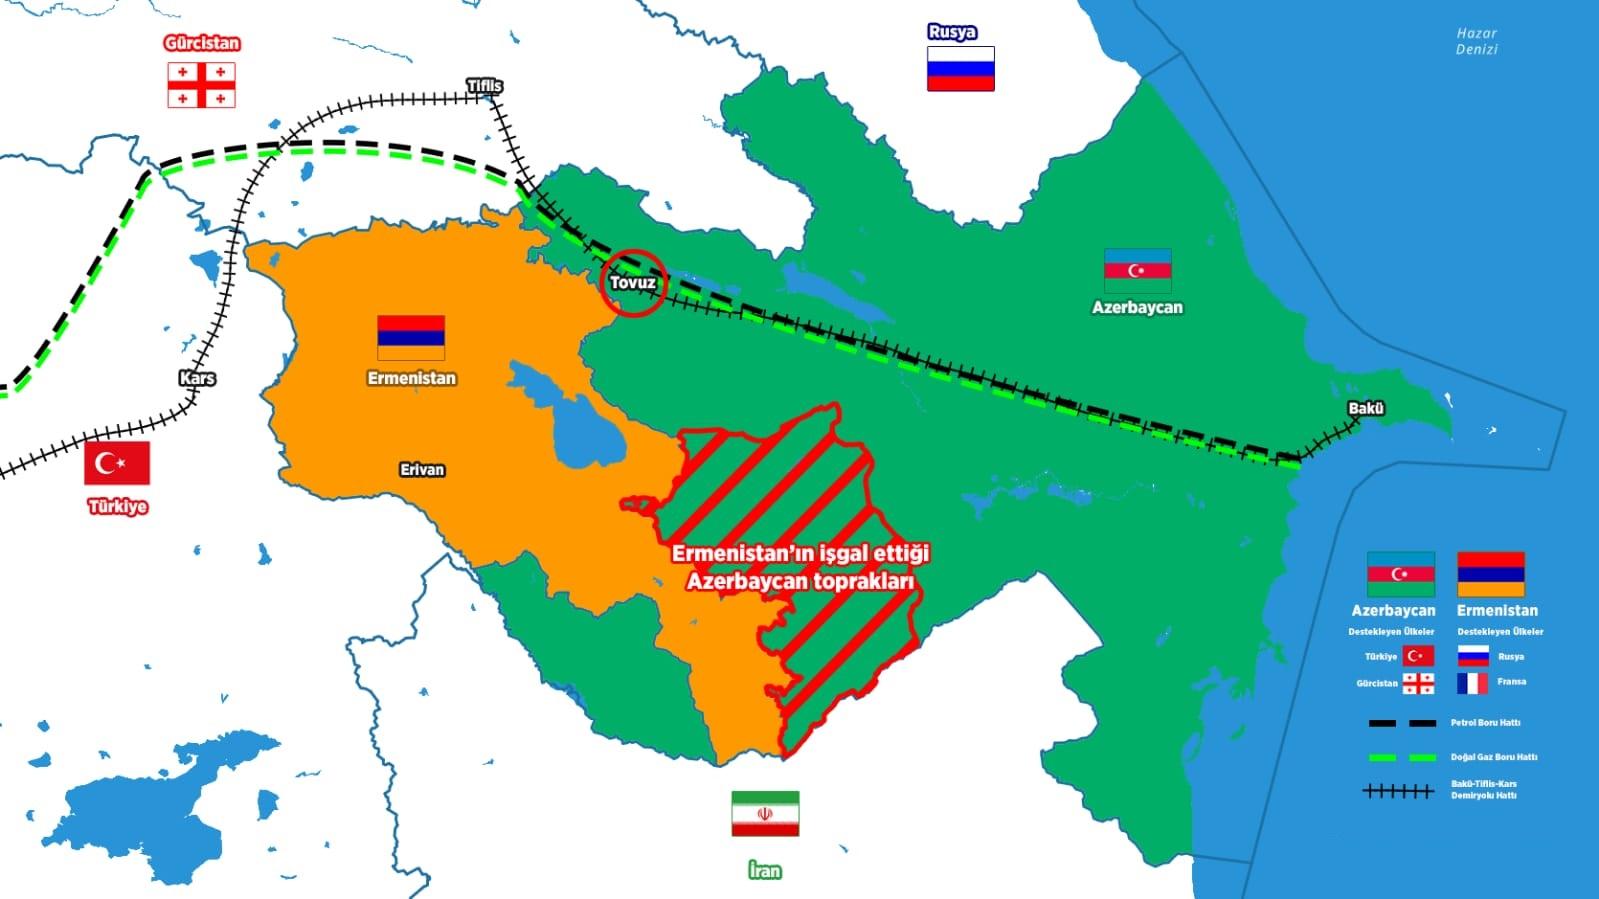 İşgalci Ermenistan, Azerbaycan'a cephe hattı boyunca taciz saldırılarında bulundu